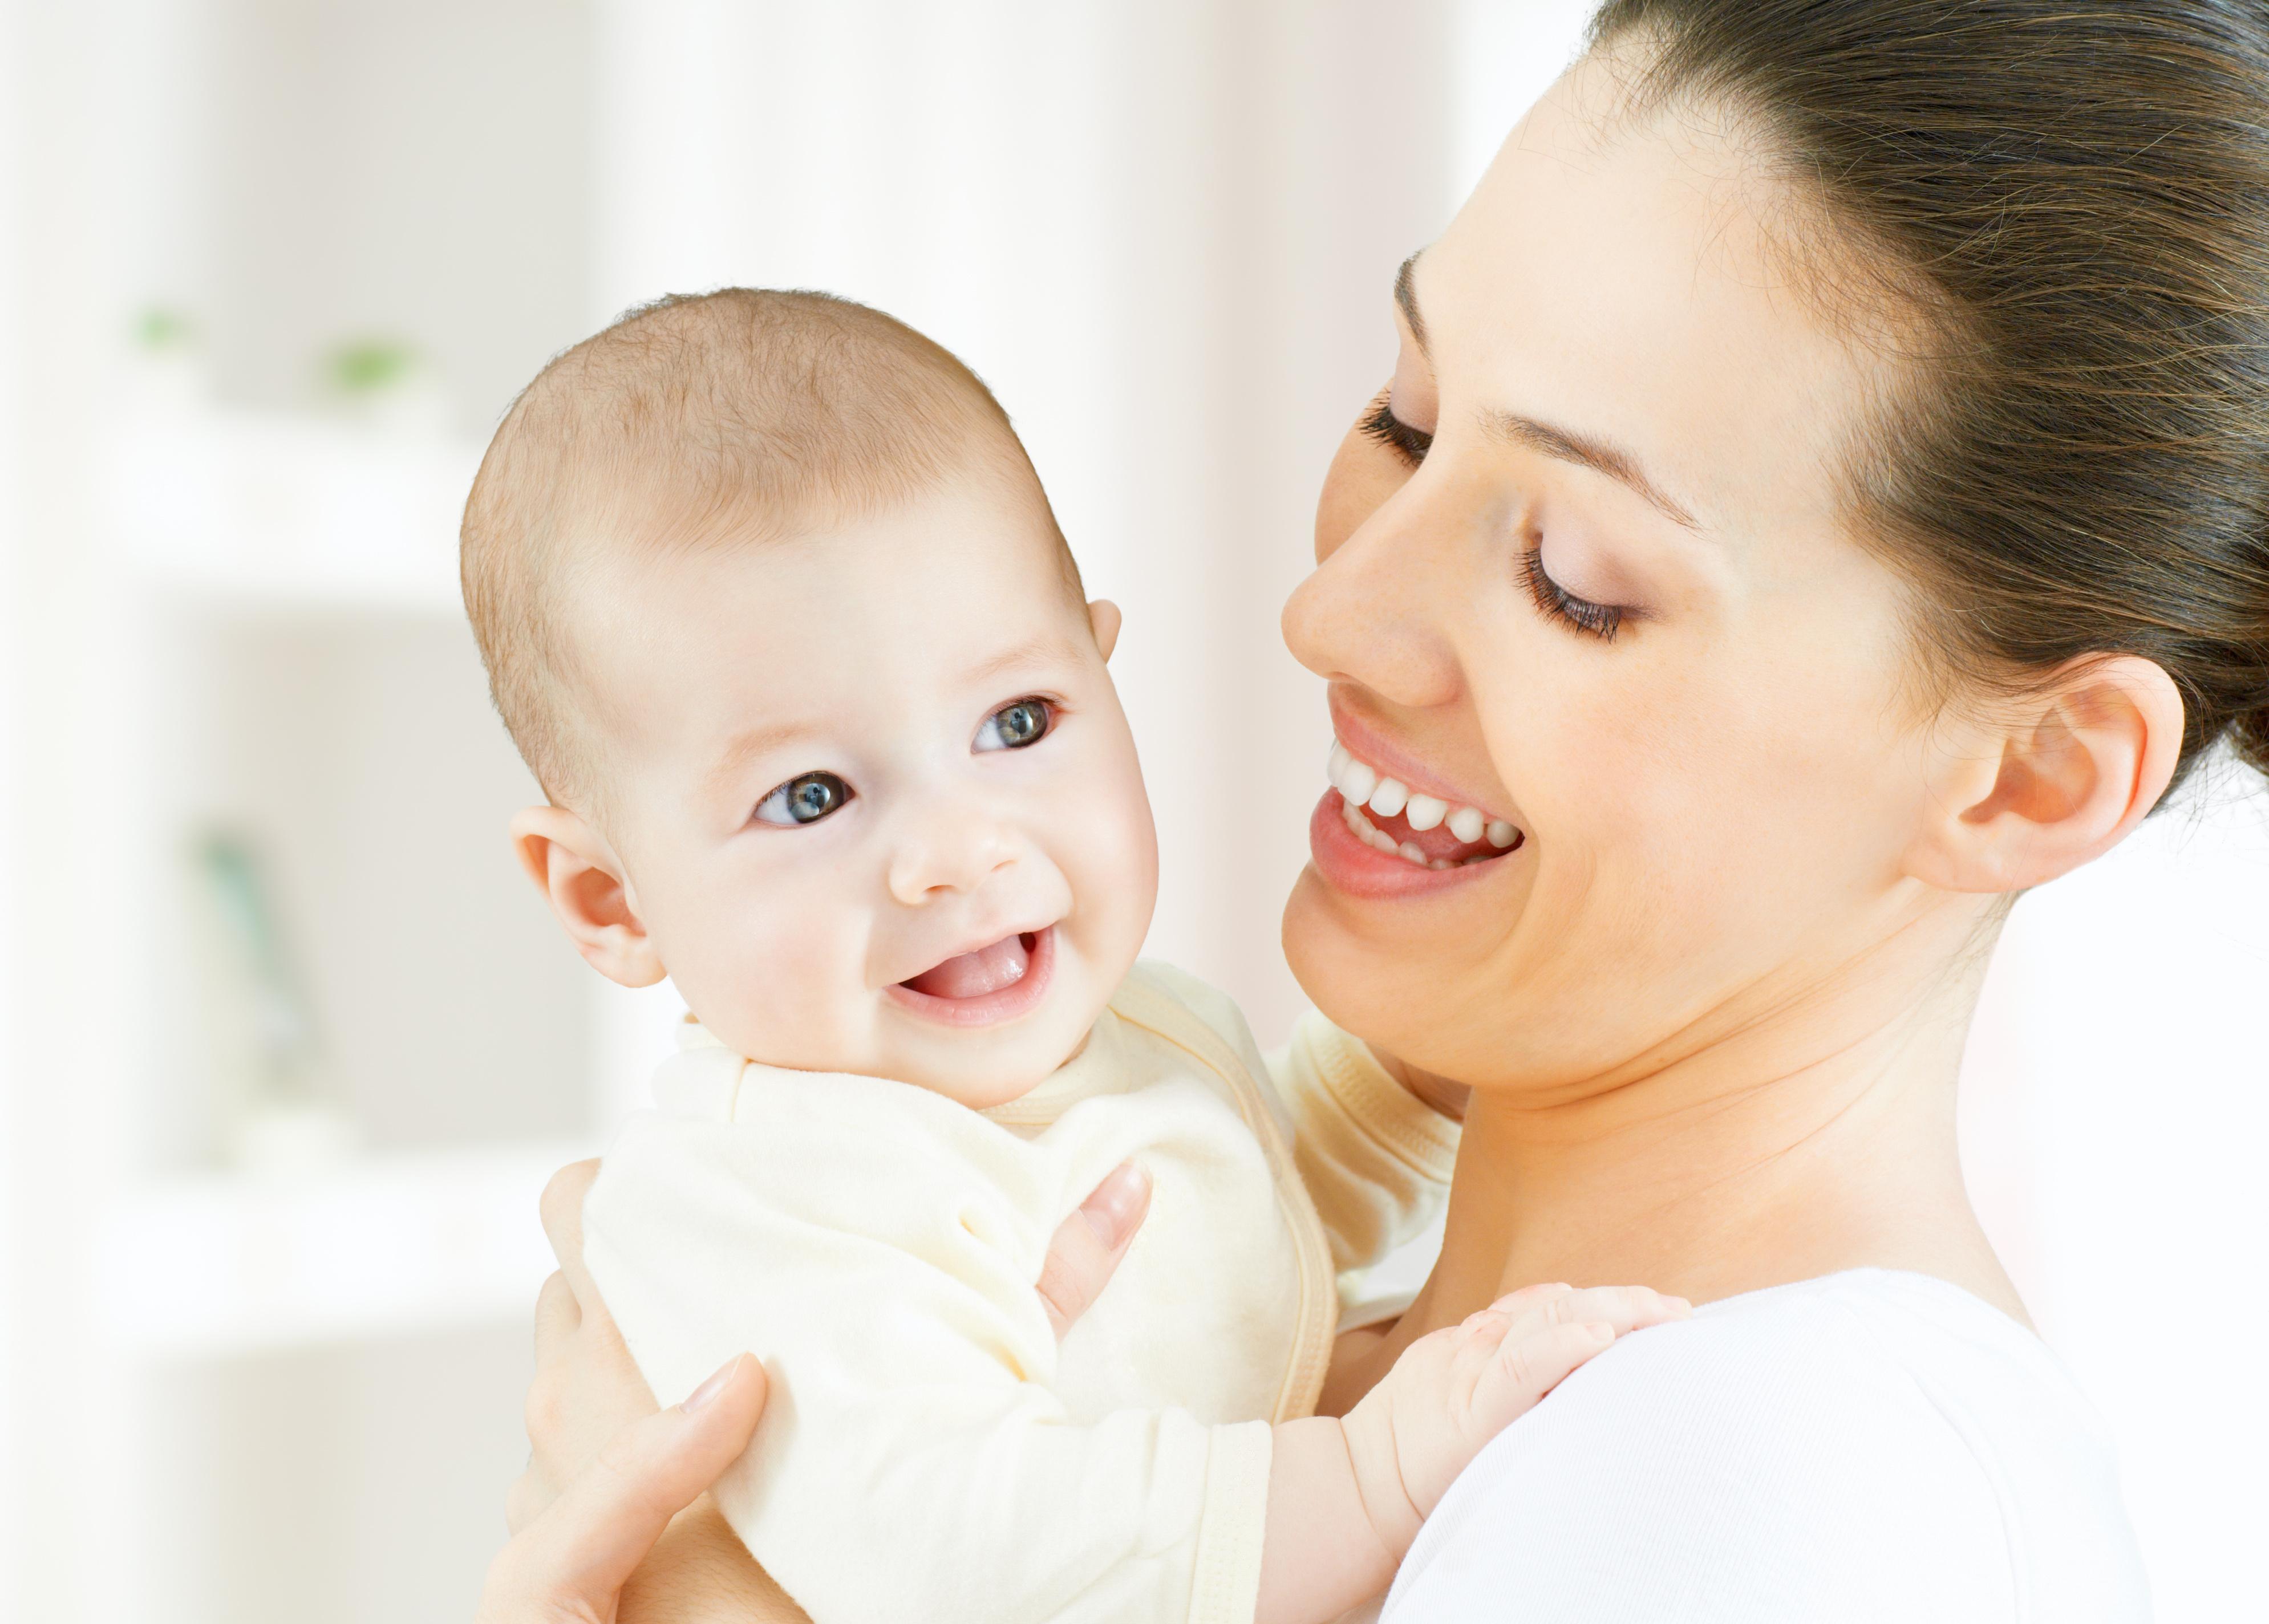 В Крыму состоится научно-практическая конференция «Здоровье женщины и ребенка: от настоящего к будущему»